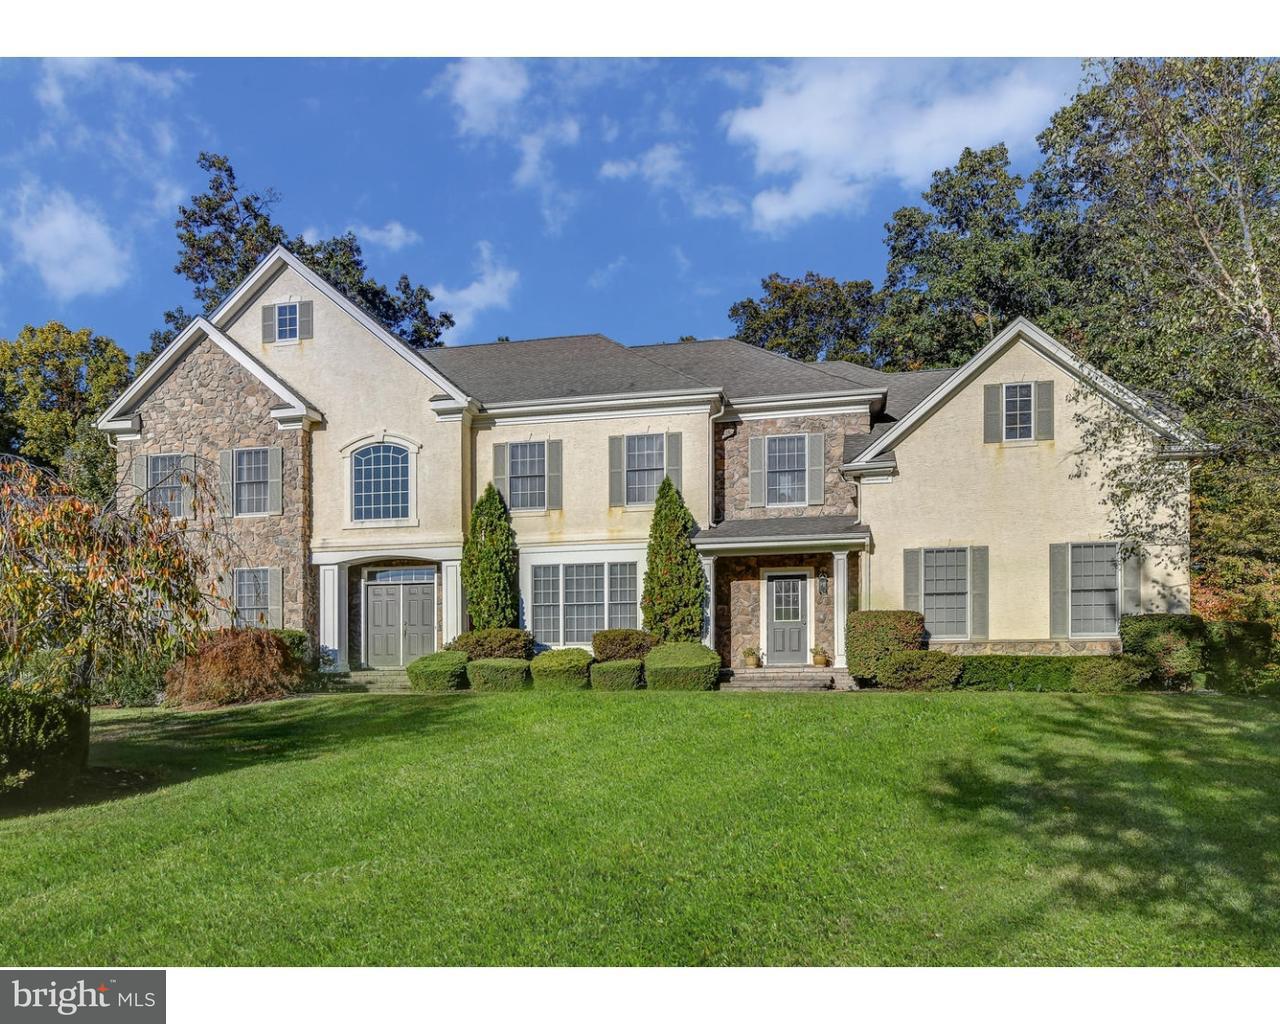 Частный односемейный дом для того Продажа на 10 ICHABOD Lane Allentown, Нью-Джерси 08501 Соединенные ШтатыВ/Около: Upper Freehold Township